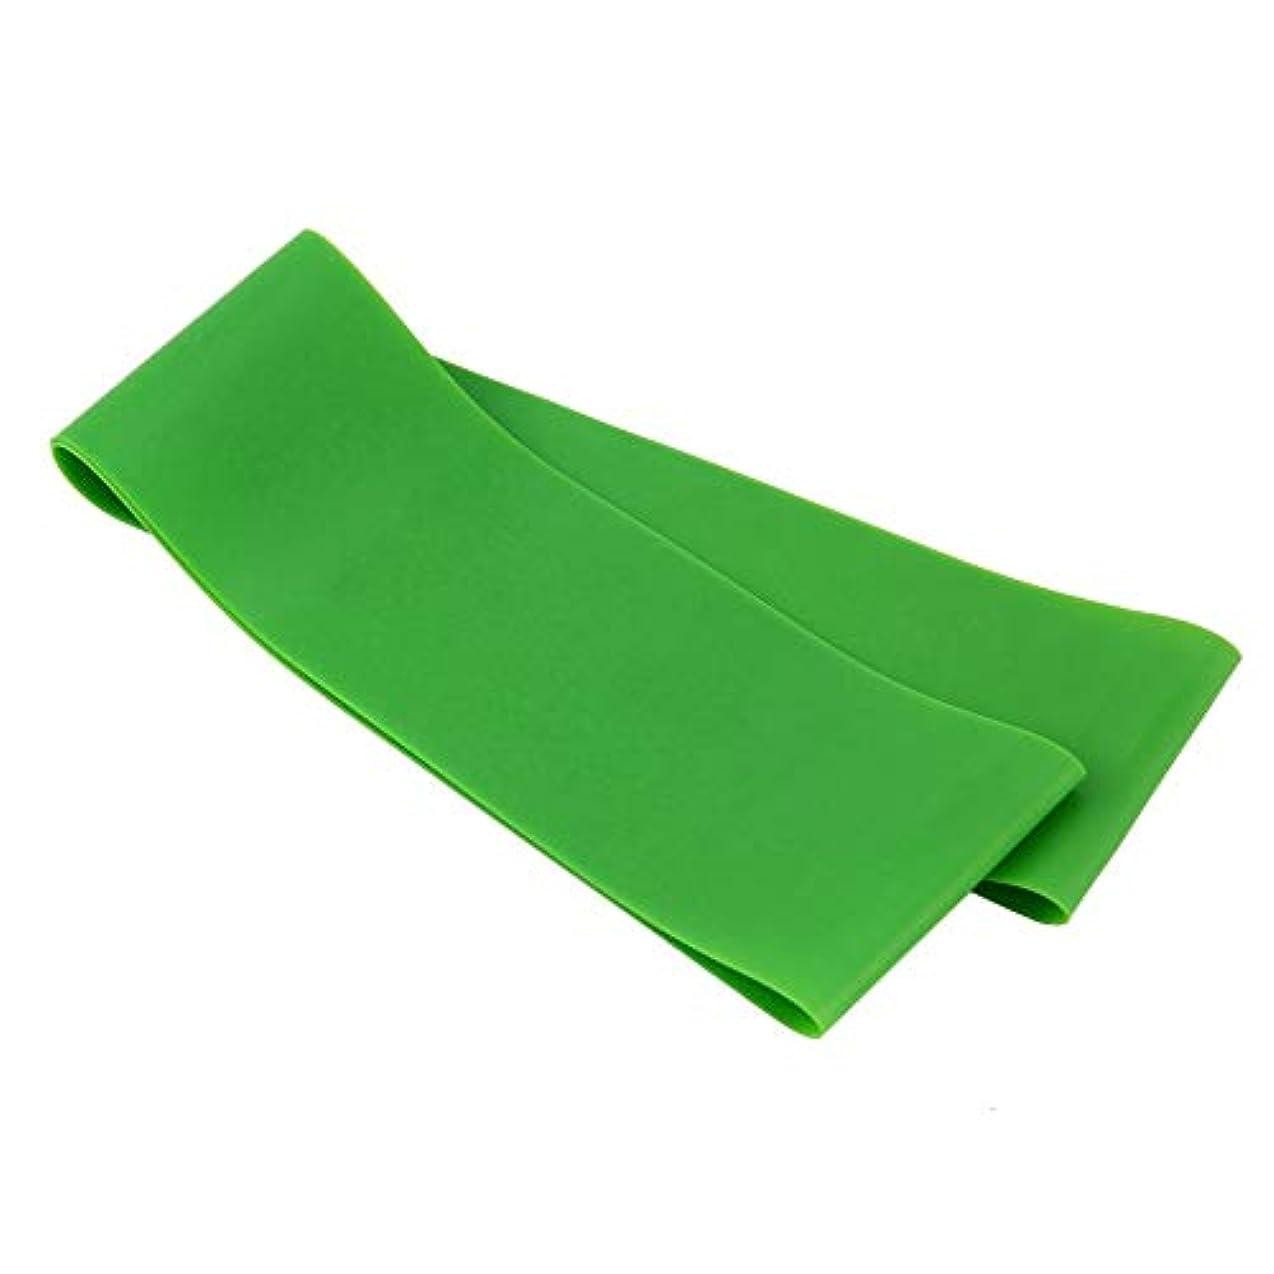 風景正当化する護衛滑り止め伸縮性ゴム弾性ヨガベルトバンドプルロープ張力抵抗バンドループ強度のためのフィットネスヨガツール - グリーン